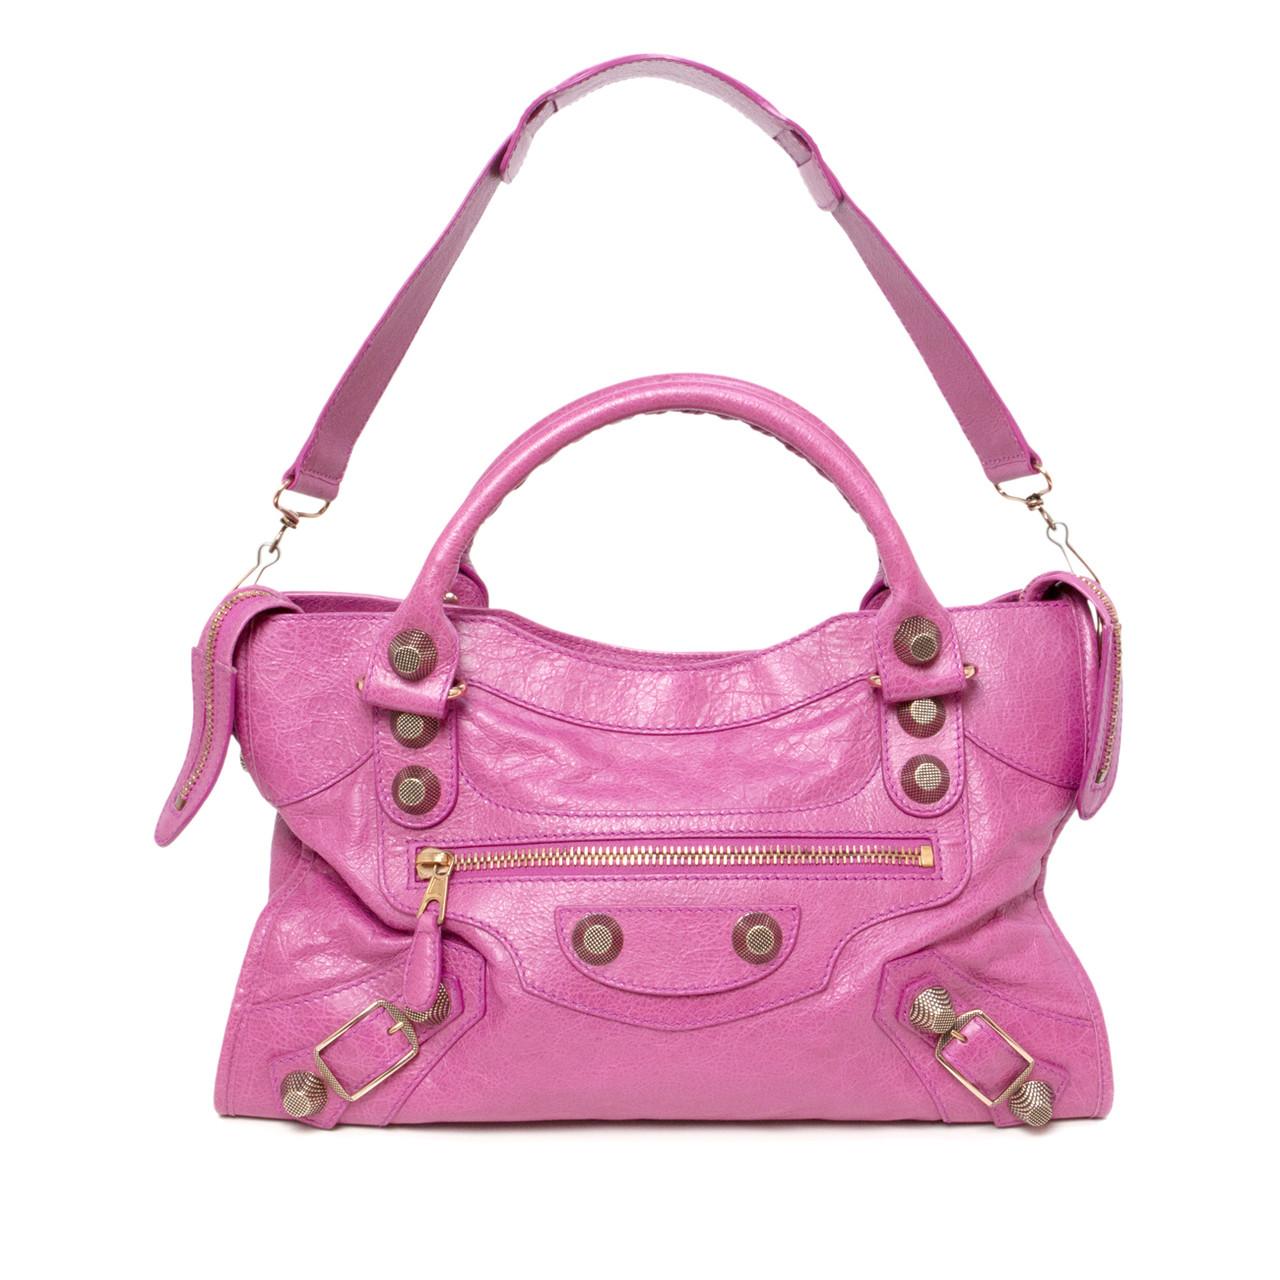 06a8c5fdc211 Balenciaga Pink Lambskin Giant 21 City Bag - modaselle